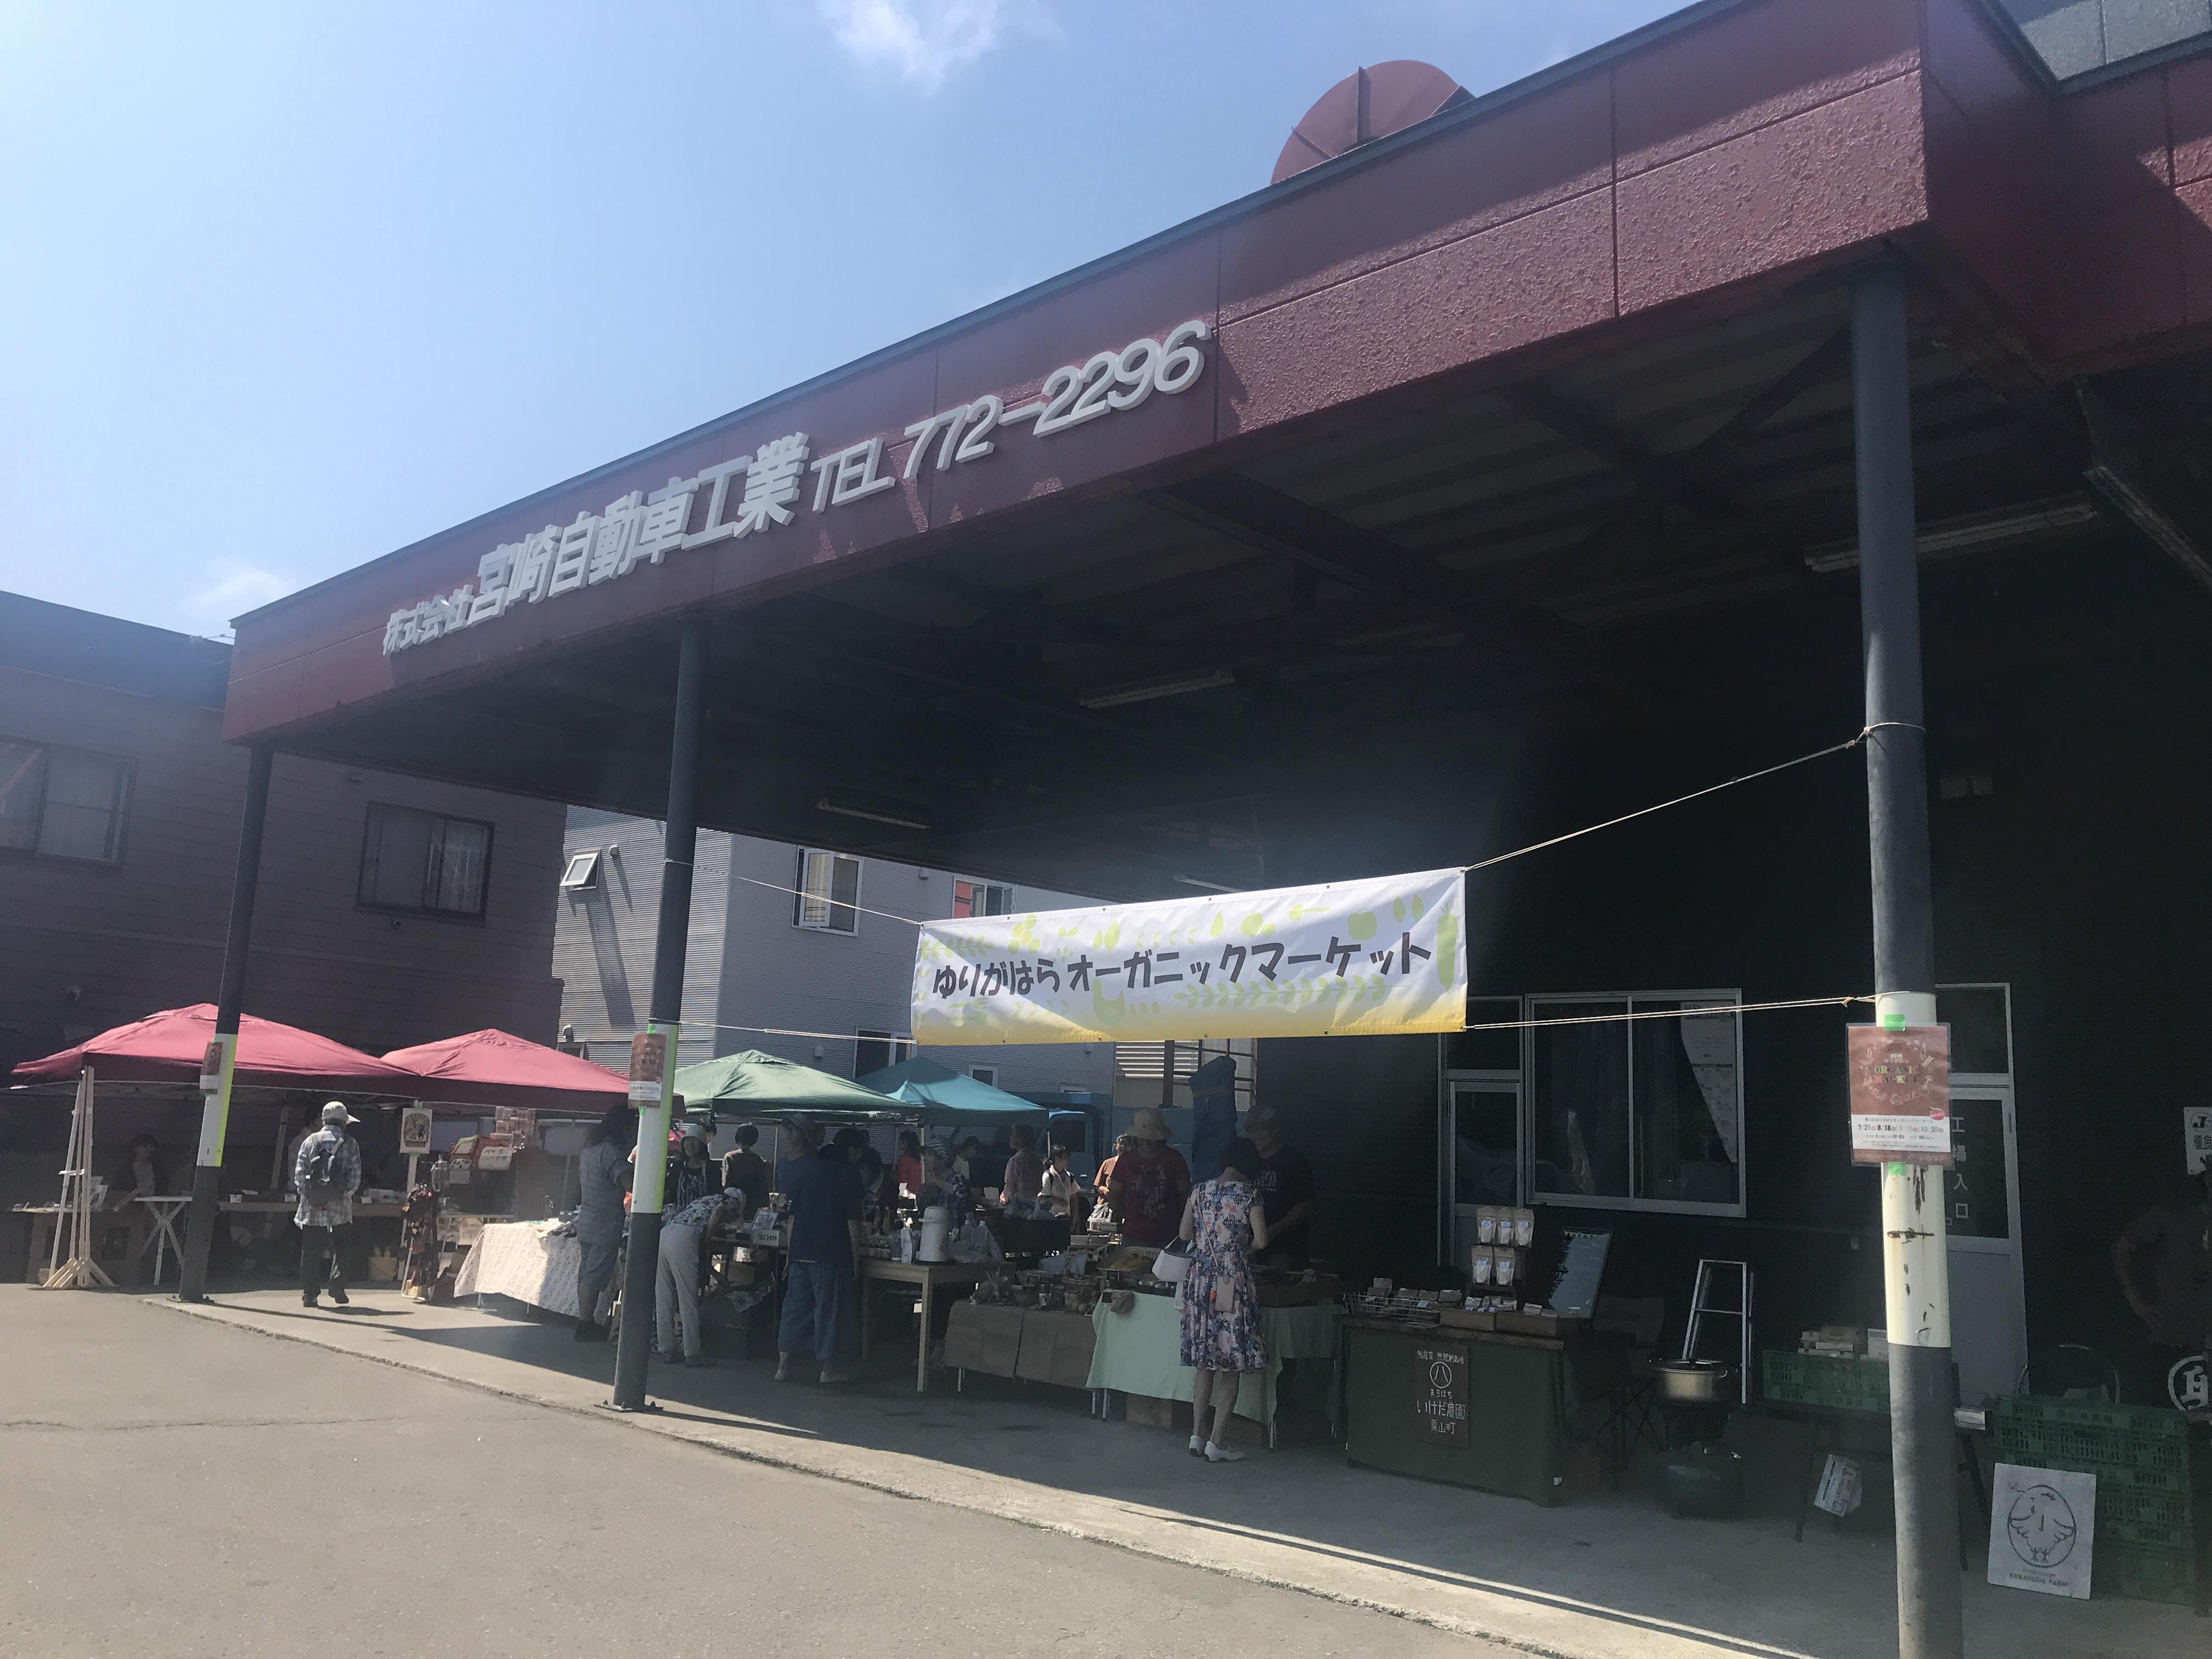 オーガニックマーケット 百合が原 札幌